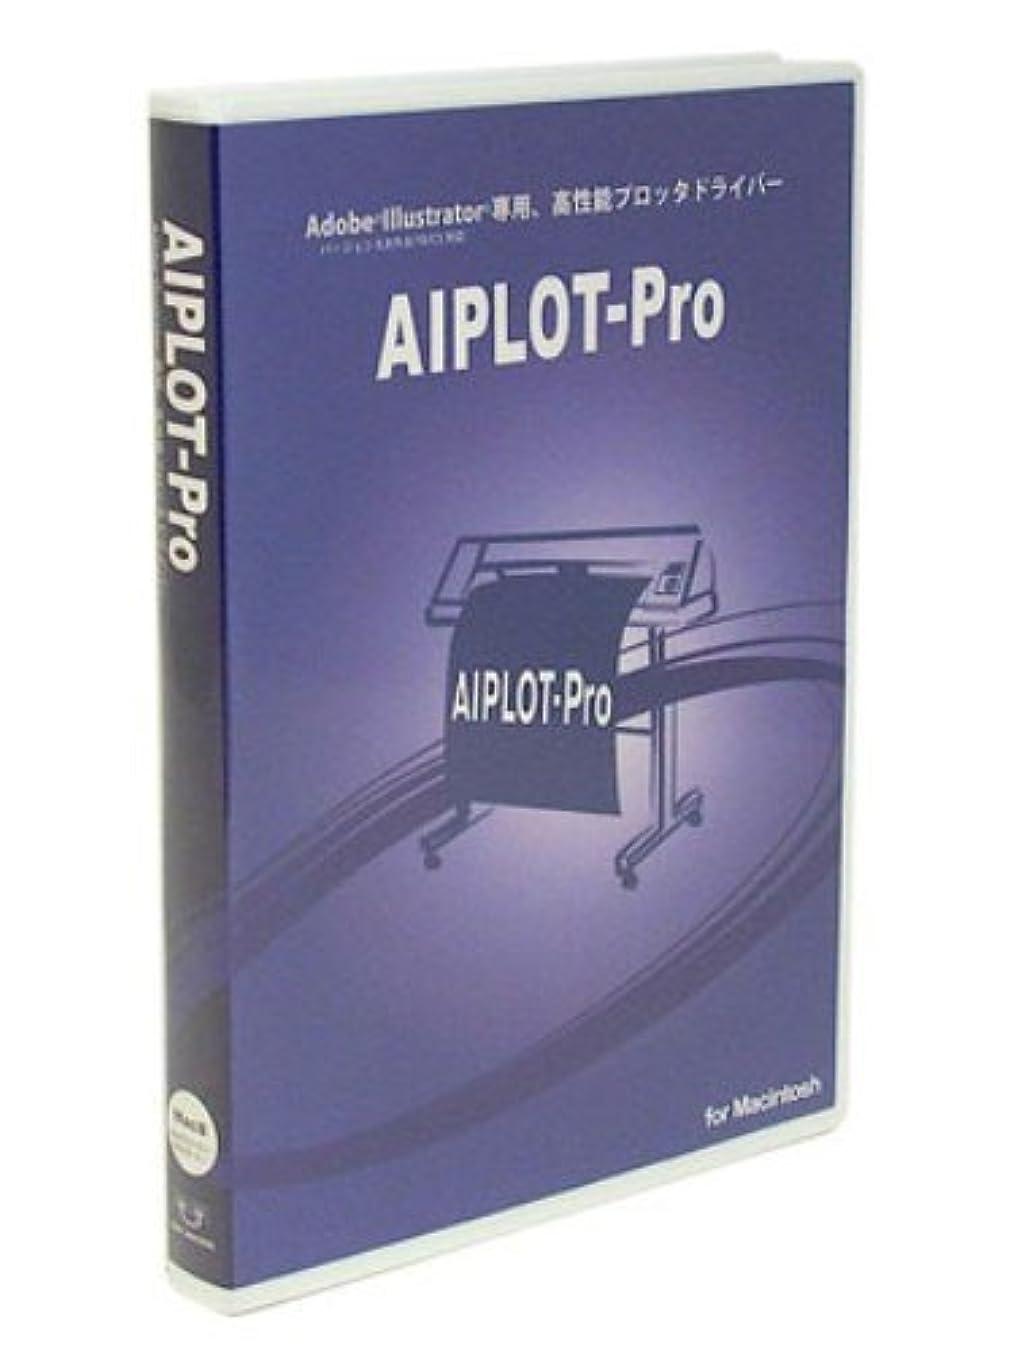 価値脅かす領収書AIPLOT-Pro ハイブリッド版